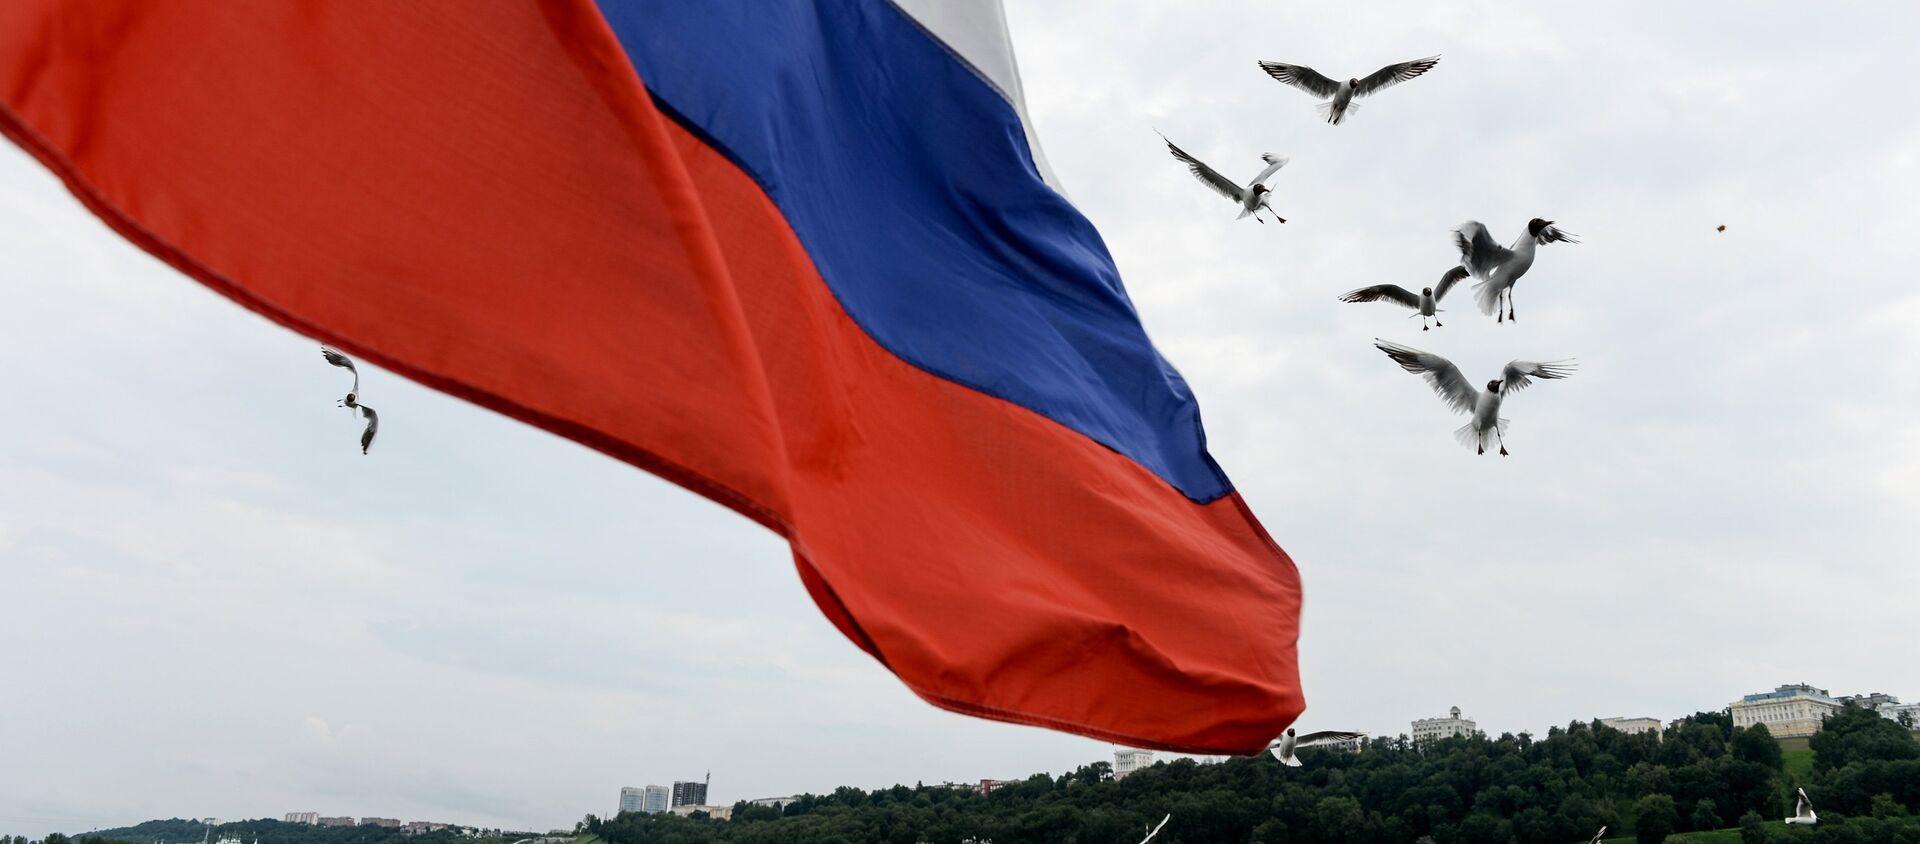 Ruská vlajka - Sputnik Česká republika, 1920, 25.02.2021